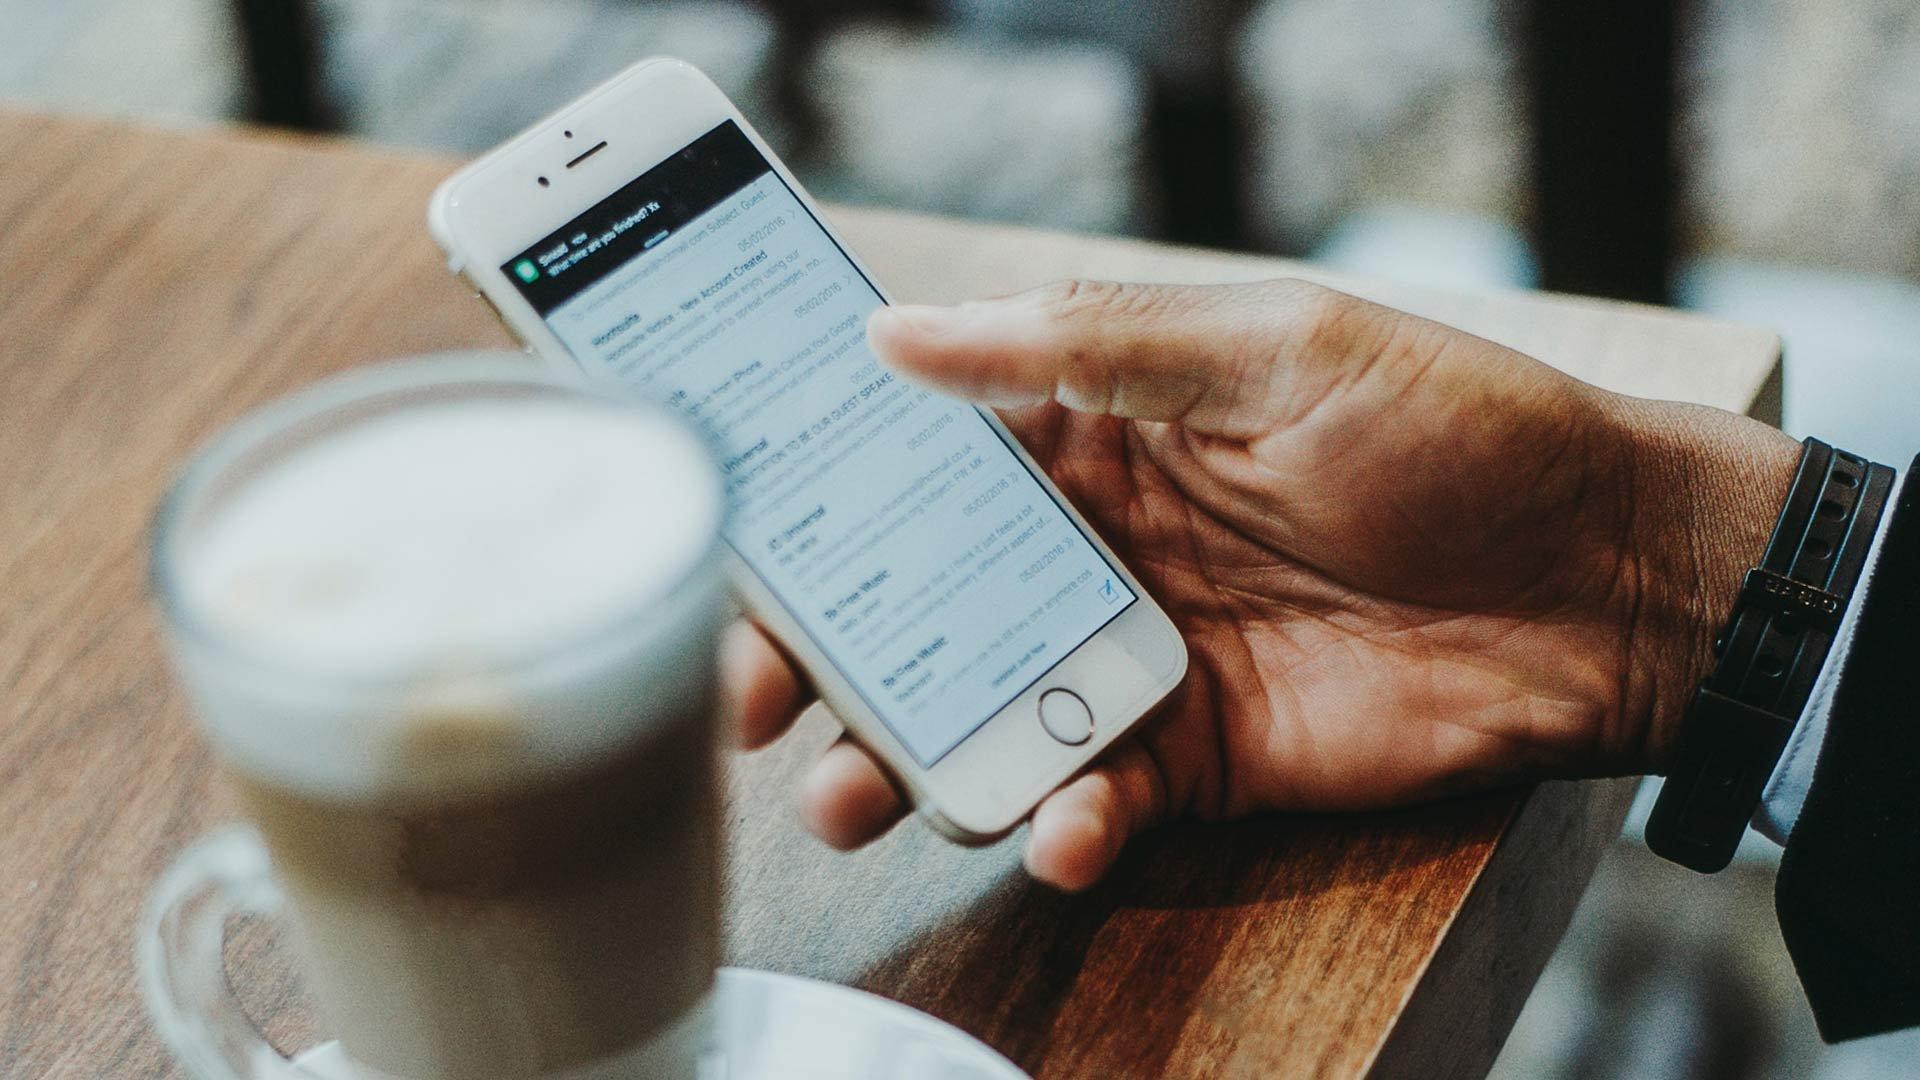 Consigli email marketing | Come migliorare la tua strategia di email marketing nel 2018